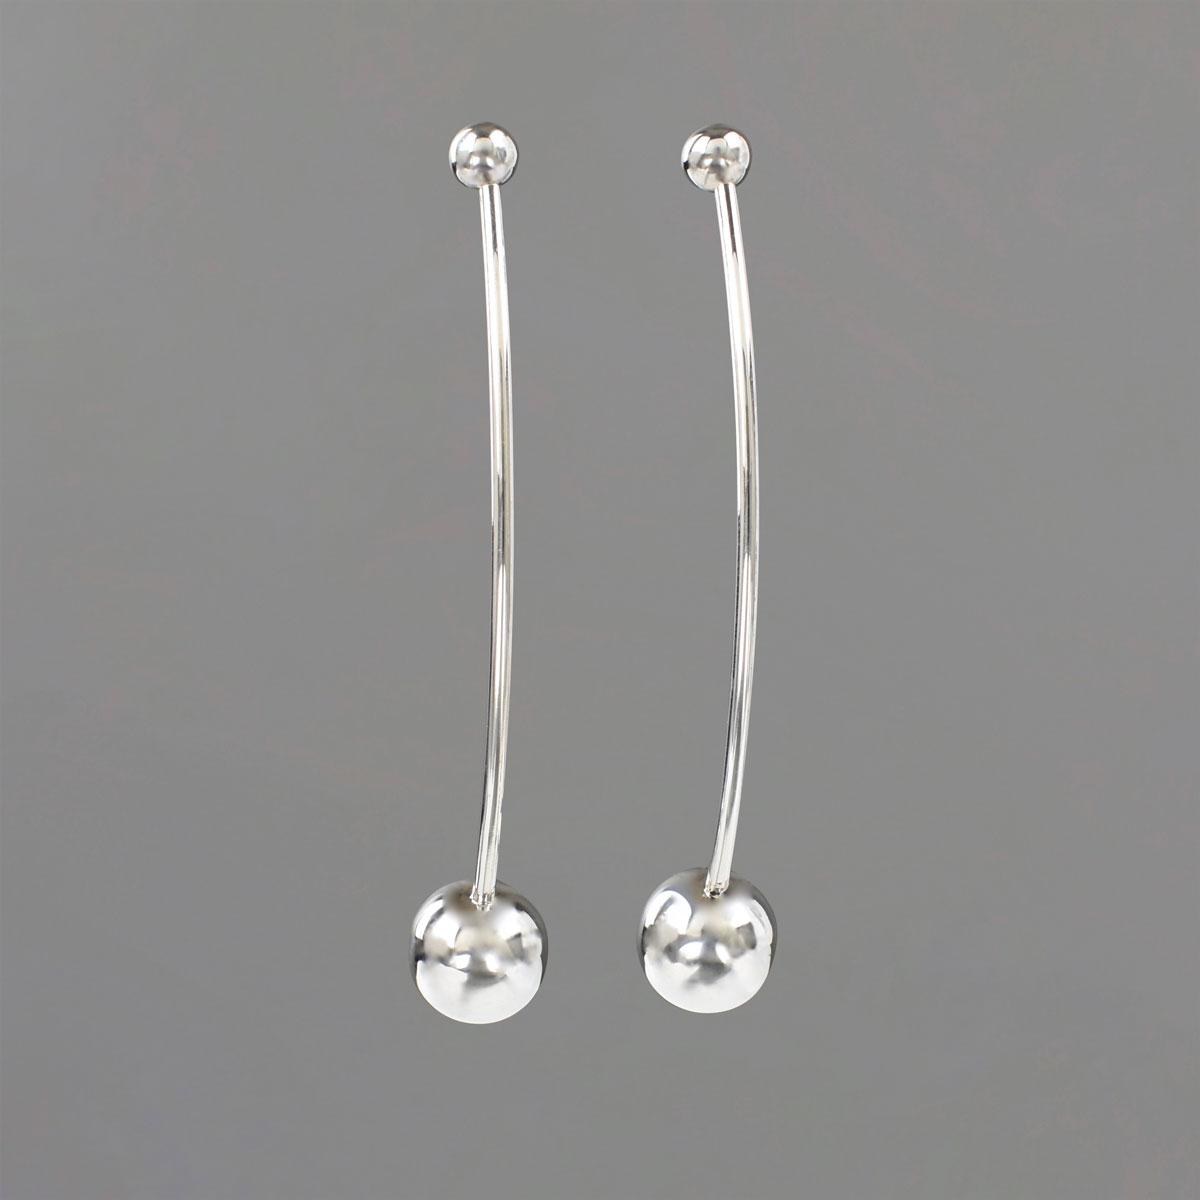 Double Ball Earrings in Sterling Silver